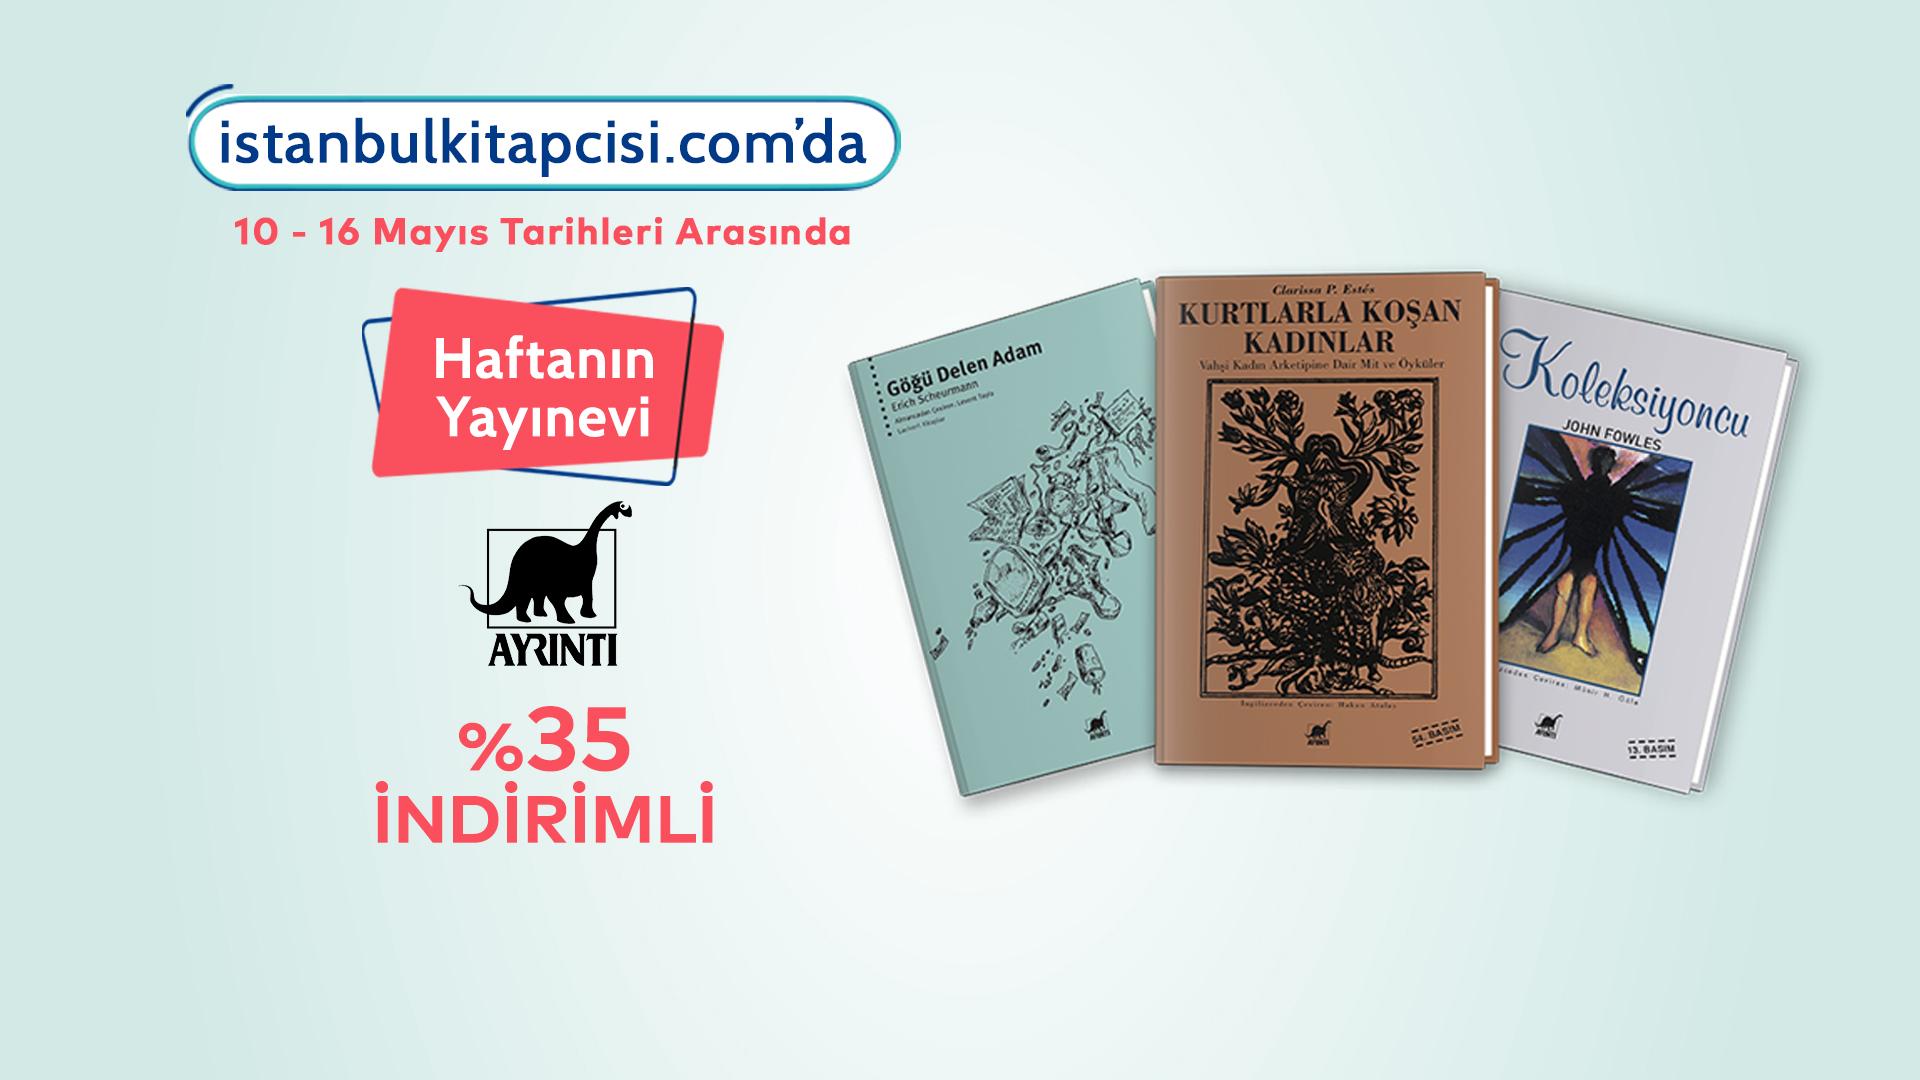 Ayrıntı Yayınları'nın tüm kitapları, www.istanbulkitapcisi.com'da %35 indirimde!